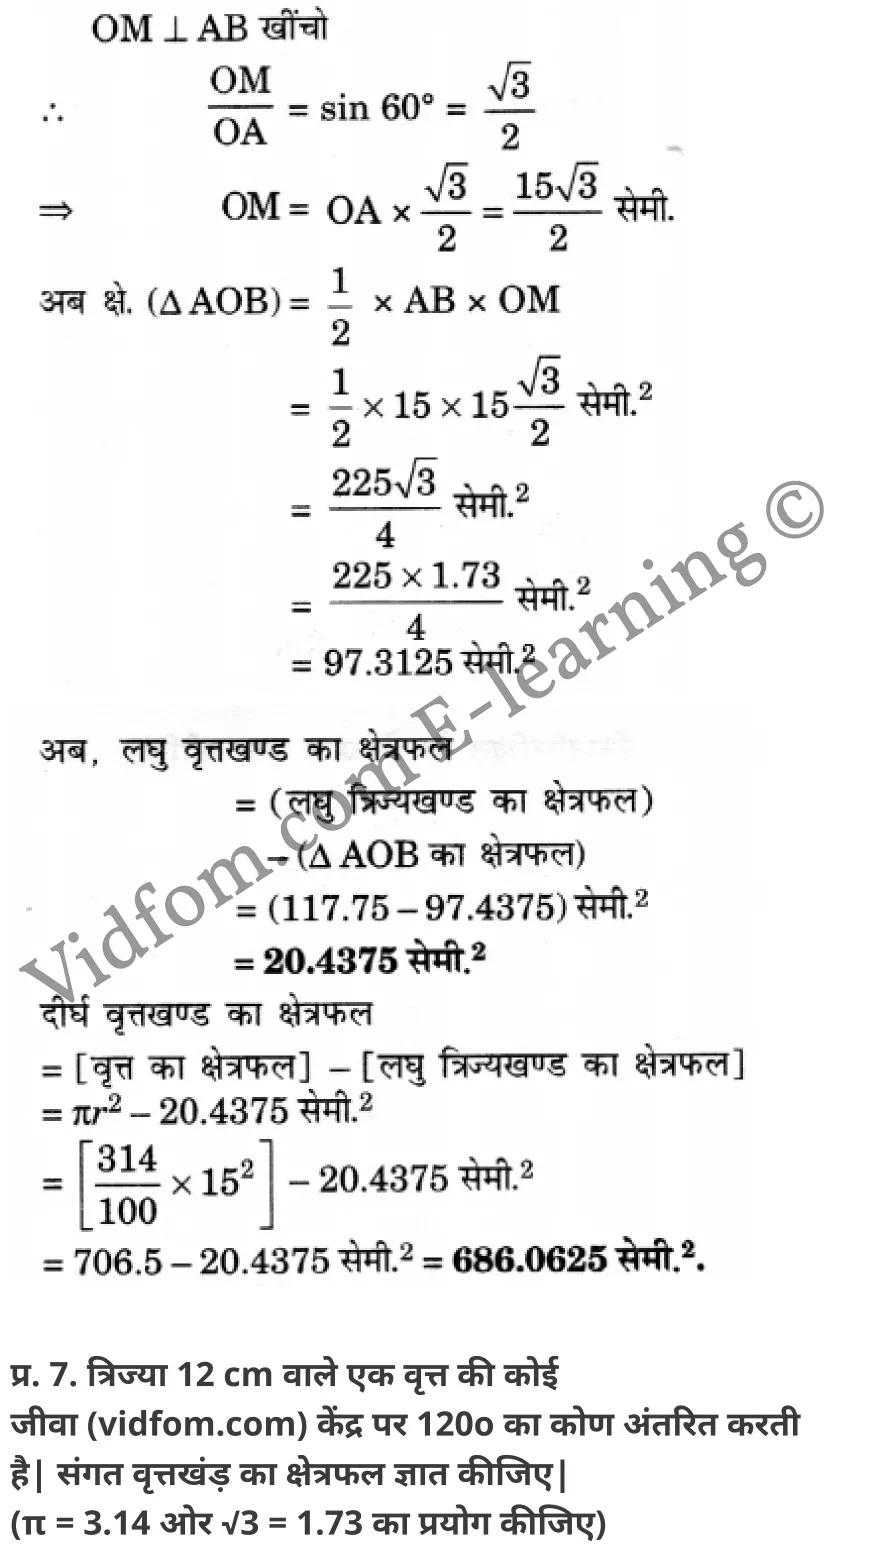 कक्षा 10 गणित  के नोट्स  हिंदी में एनसीईआरटी समाधान,     class 10 Maths chapter 12,   class 10 Maths chapter 12 ncert solutions in Maths,  class 10 Maths chapter 12 notes in hindi,   class 10 Maths chapter 12 question answer,   class 10 Maths chapter 12 notes,   class 10 Maths chapter 12 class 10 Maths  chapter 12 in  hindi,    class 10 Maths chapter 12 important questions in  hindi,   class 10 Maths hindi  chapter 12 notes in hindi,   class 10 Maths  chapter 12 test,   class 10 Maths  chapter 12 class 10 Maths  chapter 12 pdf,   class 10 Maths  chapter 12 notes pdf,   class 10 Maths  chapter 12 exercise solutions,  class 10 Maths  chapter 12,  class 10 Maths  chapter 12 notes study rankers,  class 10 Maths  chapter 12 notes,   class 10 Maths hindi  chapter 12 notes,    class 10 Maths   chapter 12  class 10  notes pdf,  class 10 Maths  chapter 12 class 10  notes  ncert,  class 10 Maths  chapter 12 class 10 pdf,   class 10 Maths  chapter 12  book,   class 10 Maths  chapter 12 quiz class 10  ,    10  th class 10 Maths chapter 12  book up board,   up board 10  th class 10 Maths chapter 12 notes,  class 10 Maths,   class 10 Maths ncert solutions in Maths,   class 10 Maths notes in hindi,   class 10 Maths question answer,   class 10 Maths notes,  class 10 Maths class 10 Maths  chapter 12 in  hindi,    class 10 Maths important questions in  hindi,   class 10 Maths notes in hindi,    class 10 Maths test,  class 10 Maths class 10 Maths  chapter 12 pdf,   class 10 Maths notes pdf,   class 10 Maths exercise solutions,   class 10 Maths,  class 10 Maths notes study rankers,   class 10 Maths notes,  class 10 Maths notes,   class 10 Maths  class 10  notes pdf,   class 10 Maths class 10  notes  ncert,   class 10 Maths class 10 pdf,   class 10 Maths  book,  class 10 Maths quiz class 10  ,  10  th class 10 Maths    book up board,    up board 10  th class 10 Maths notes,      कक्षा 10 गणित अध्याय 12 ,  कक्षा 10 गणित, कक्षा 10 गणित अध्याय 12  के नोट्स हिंदी में,  कक्षा 10 का गणित अध्य